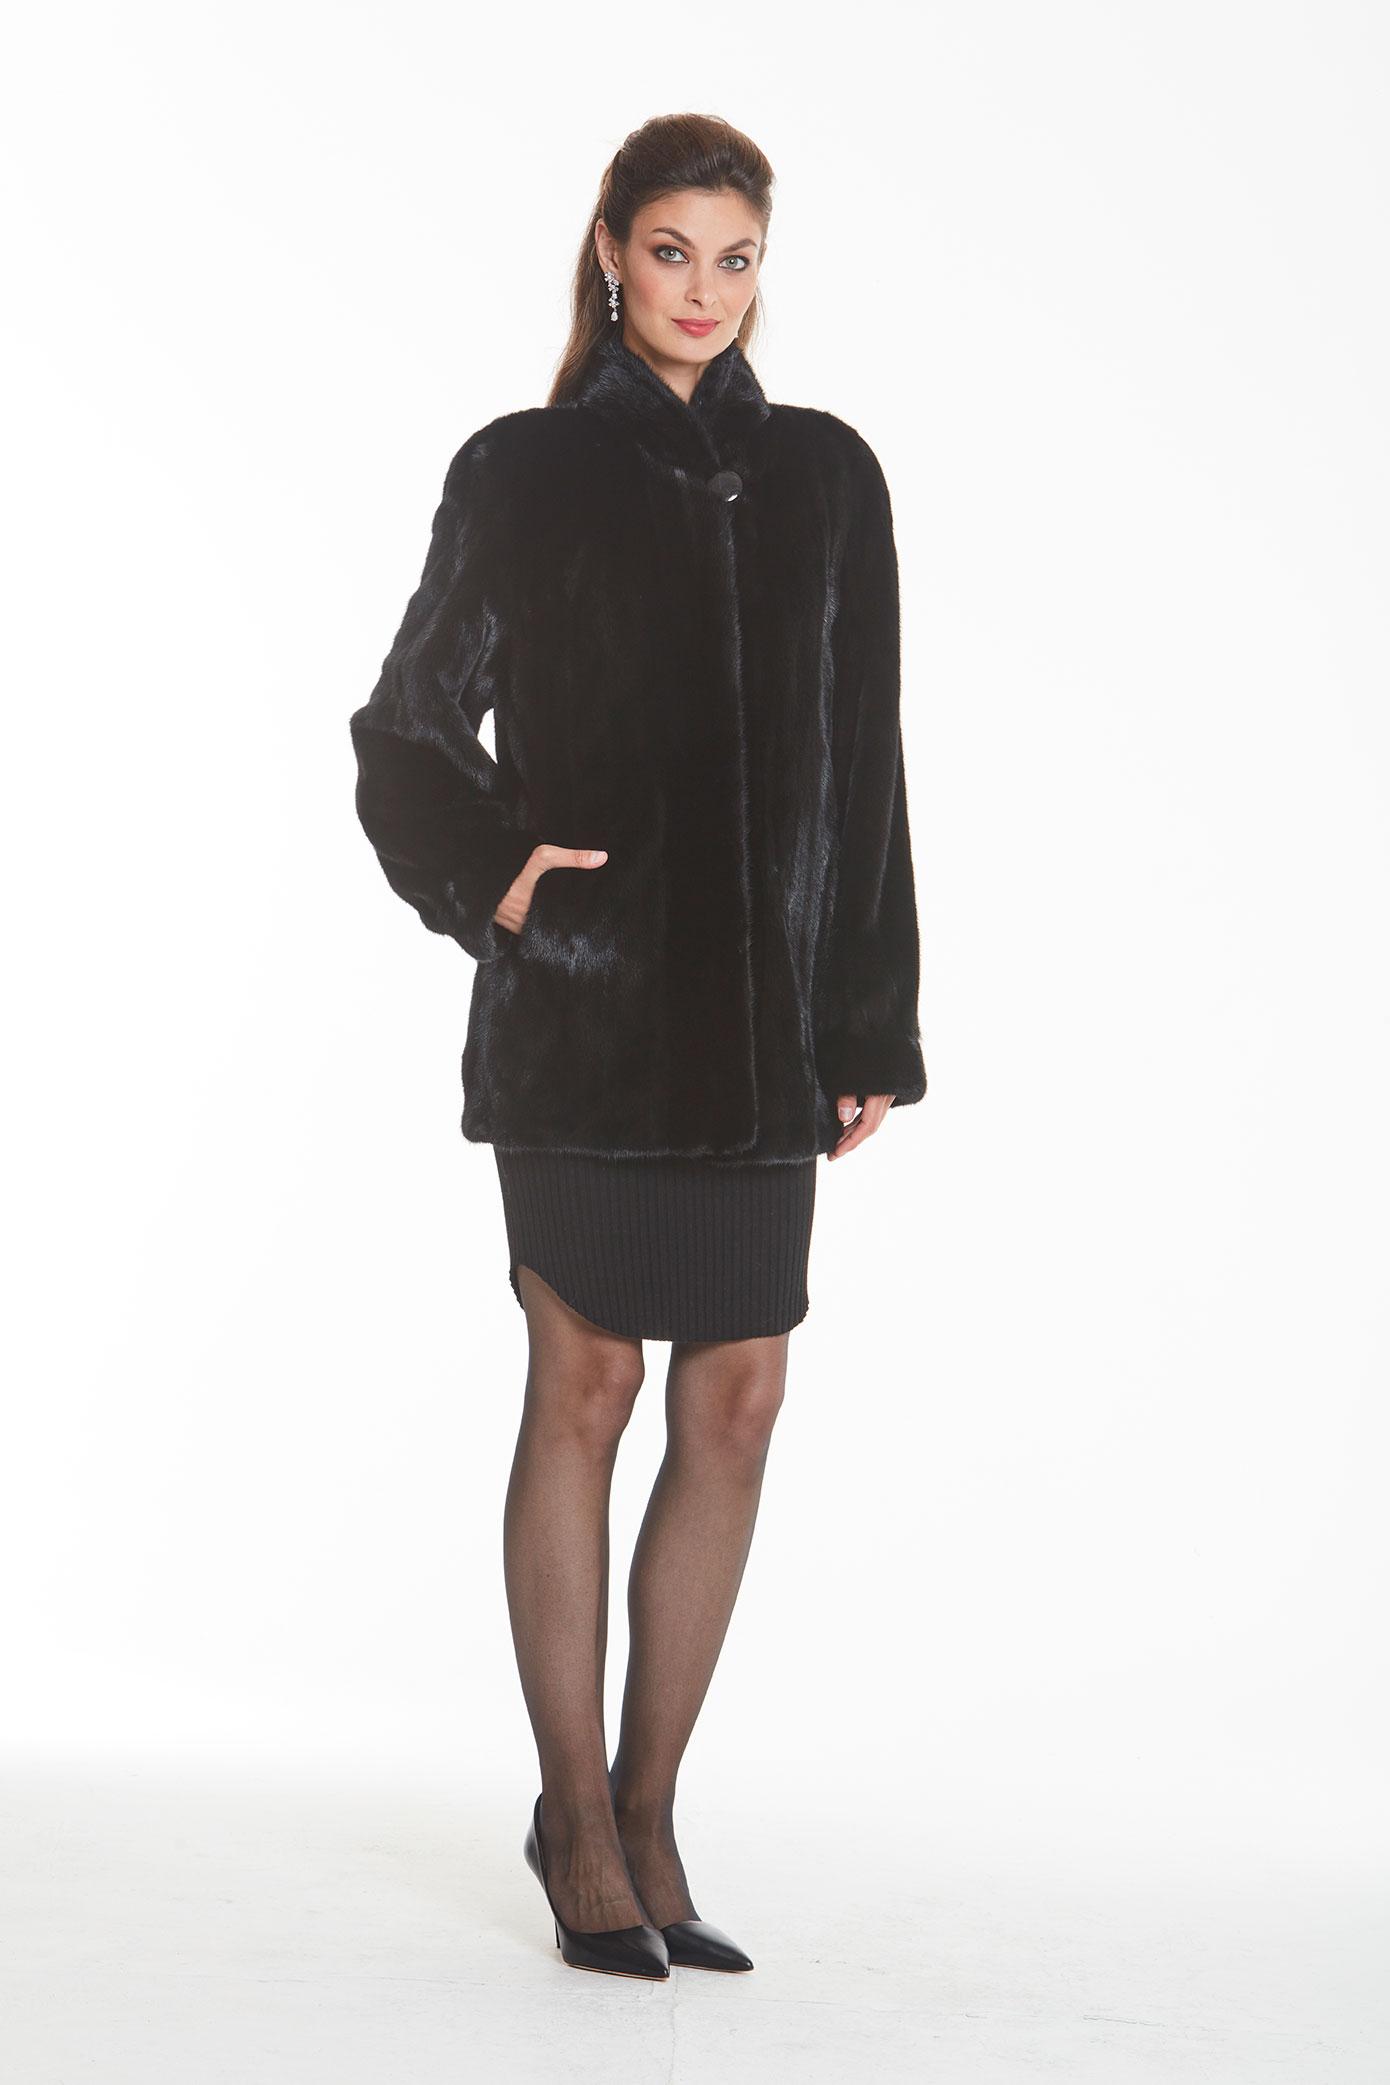 mink-jacket